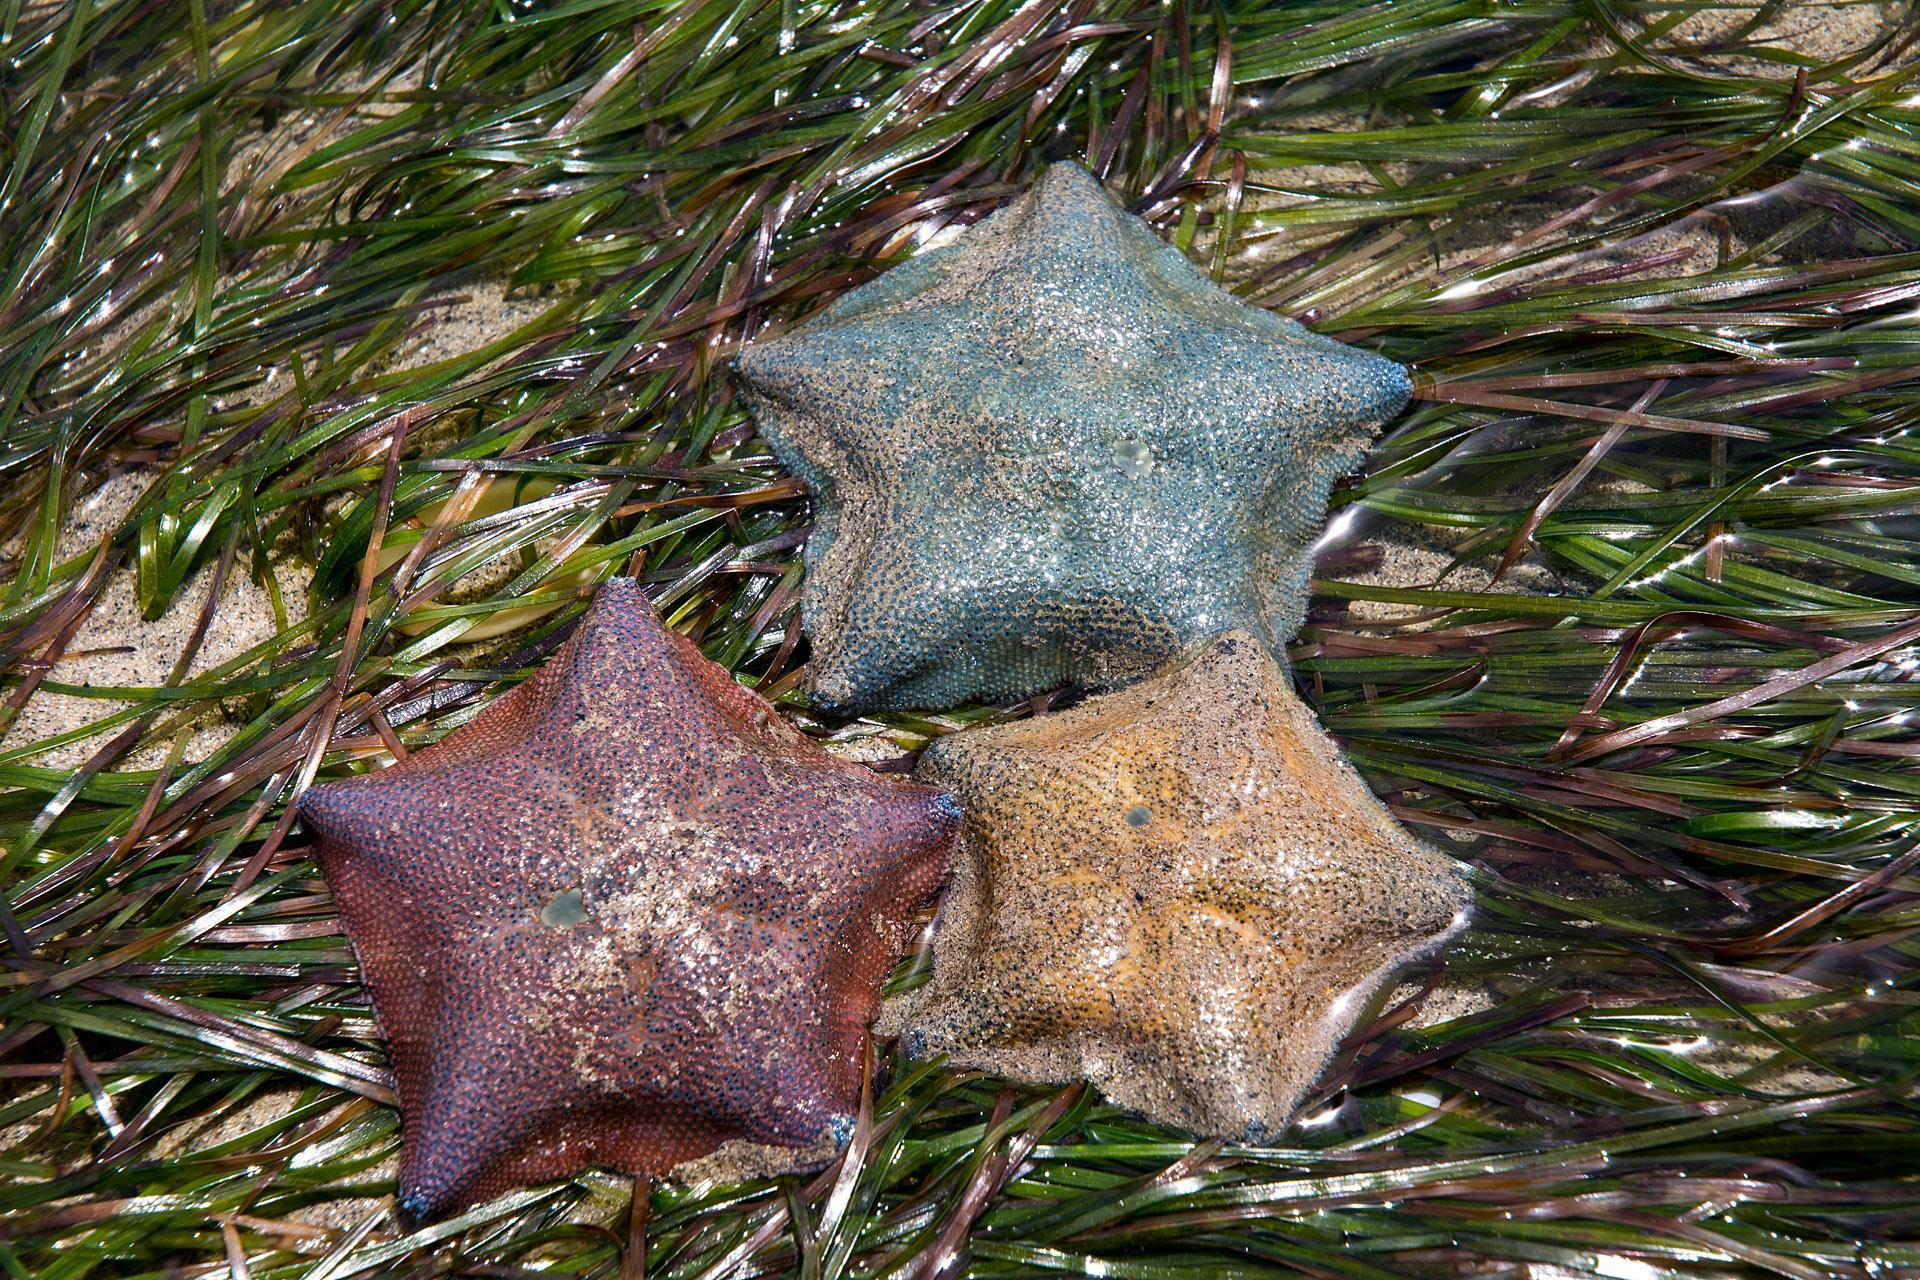 Cushion stars